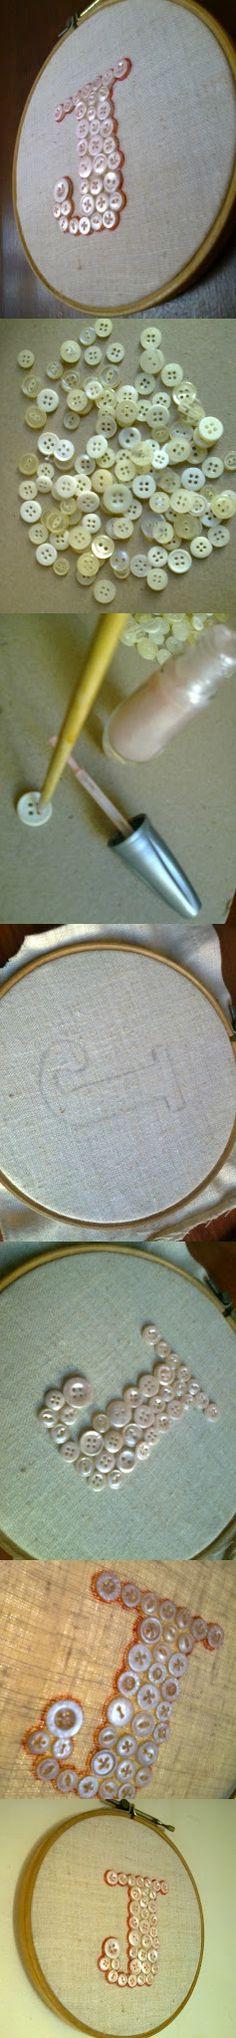 Jud, do Blog JUD artes: Tantos botões sem graça em casa, de antigas camisas masculinas, pintei com esmalte para unhas, um rosinha cintilante.  Transferi o risco da letra para um pedaço de  linho.  Posicionei os botões mais ou menos dentro do contorno da letra, fixei com um pinguinho de cola um a um para costurar depois.  O tecido estiquei bem no bastidor, cortei a sobra no verso e passei cola no recorte para não desfiar.  Com caneta permanente vermelha risquei todo o contorno dos botões.